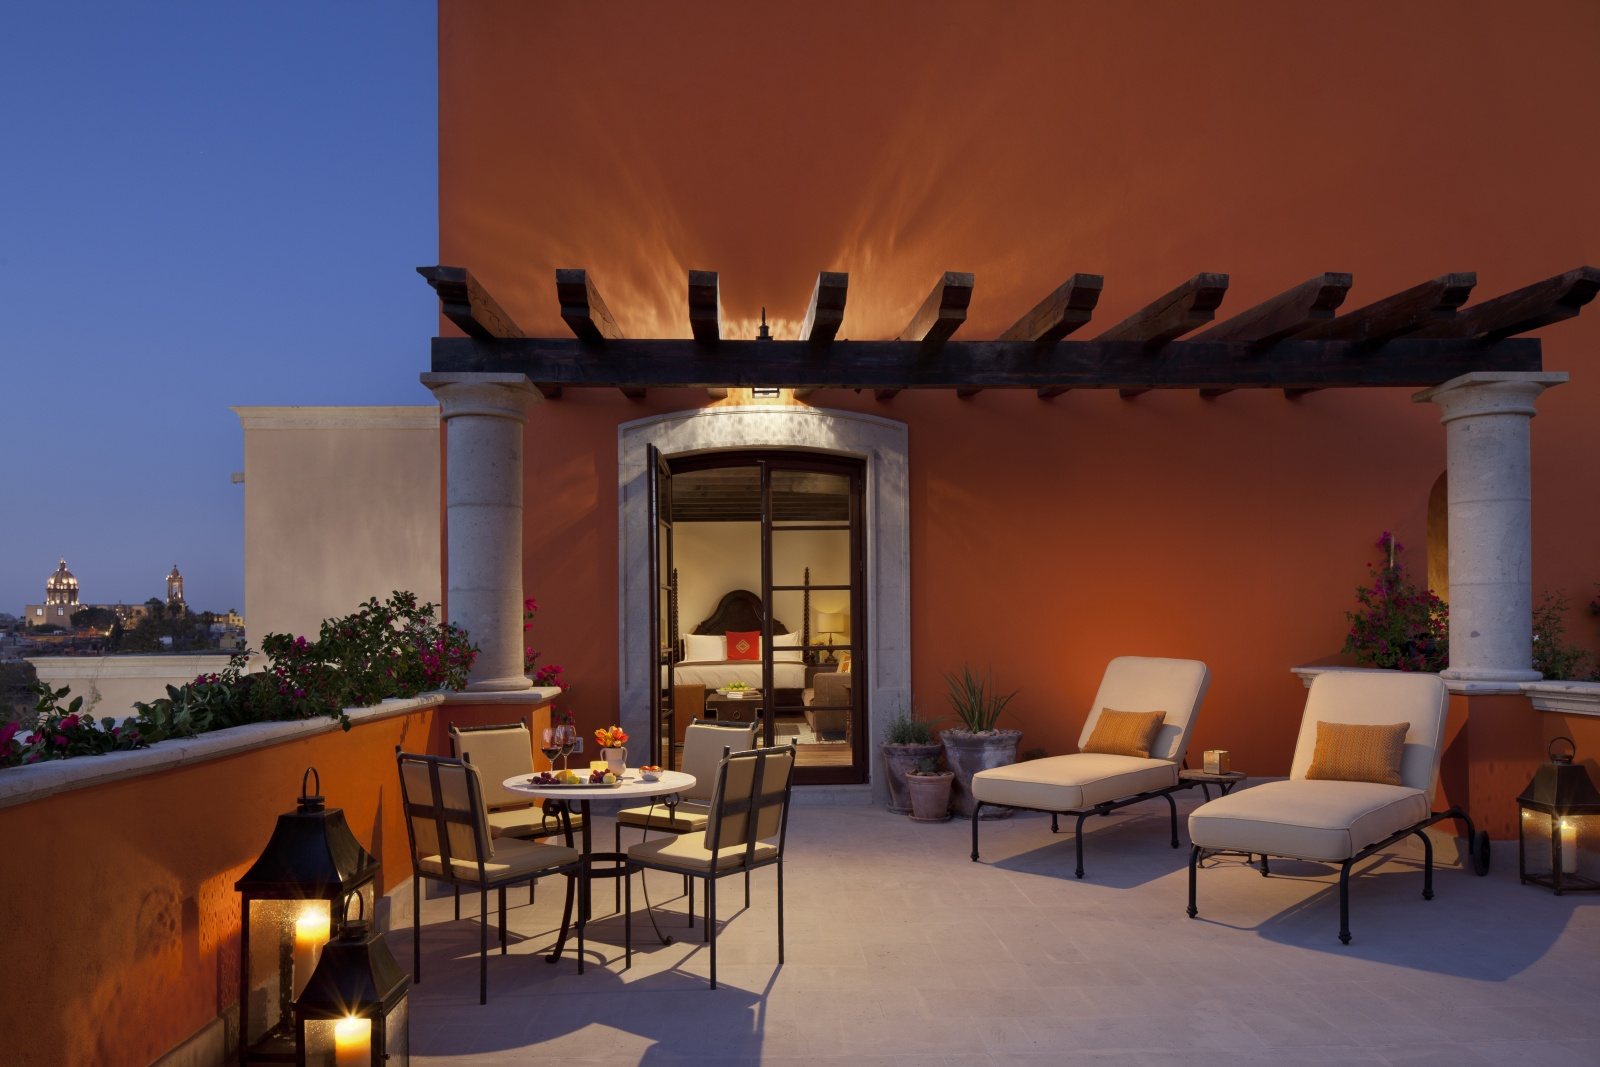 rosewood san miguel de allende. Black Bedroom Furniture Sets. Home Design Ideas